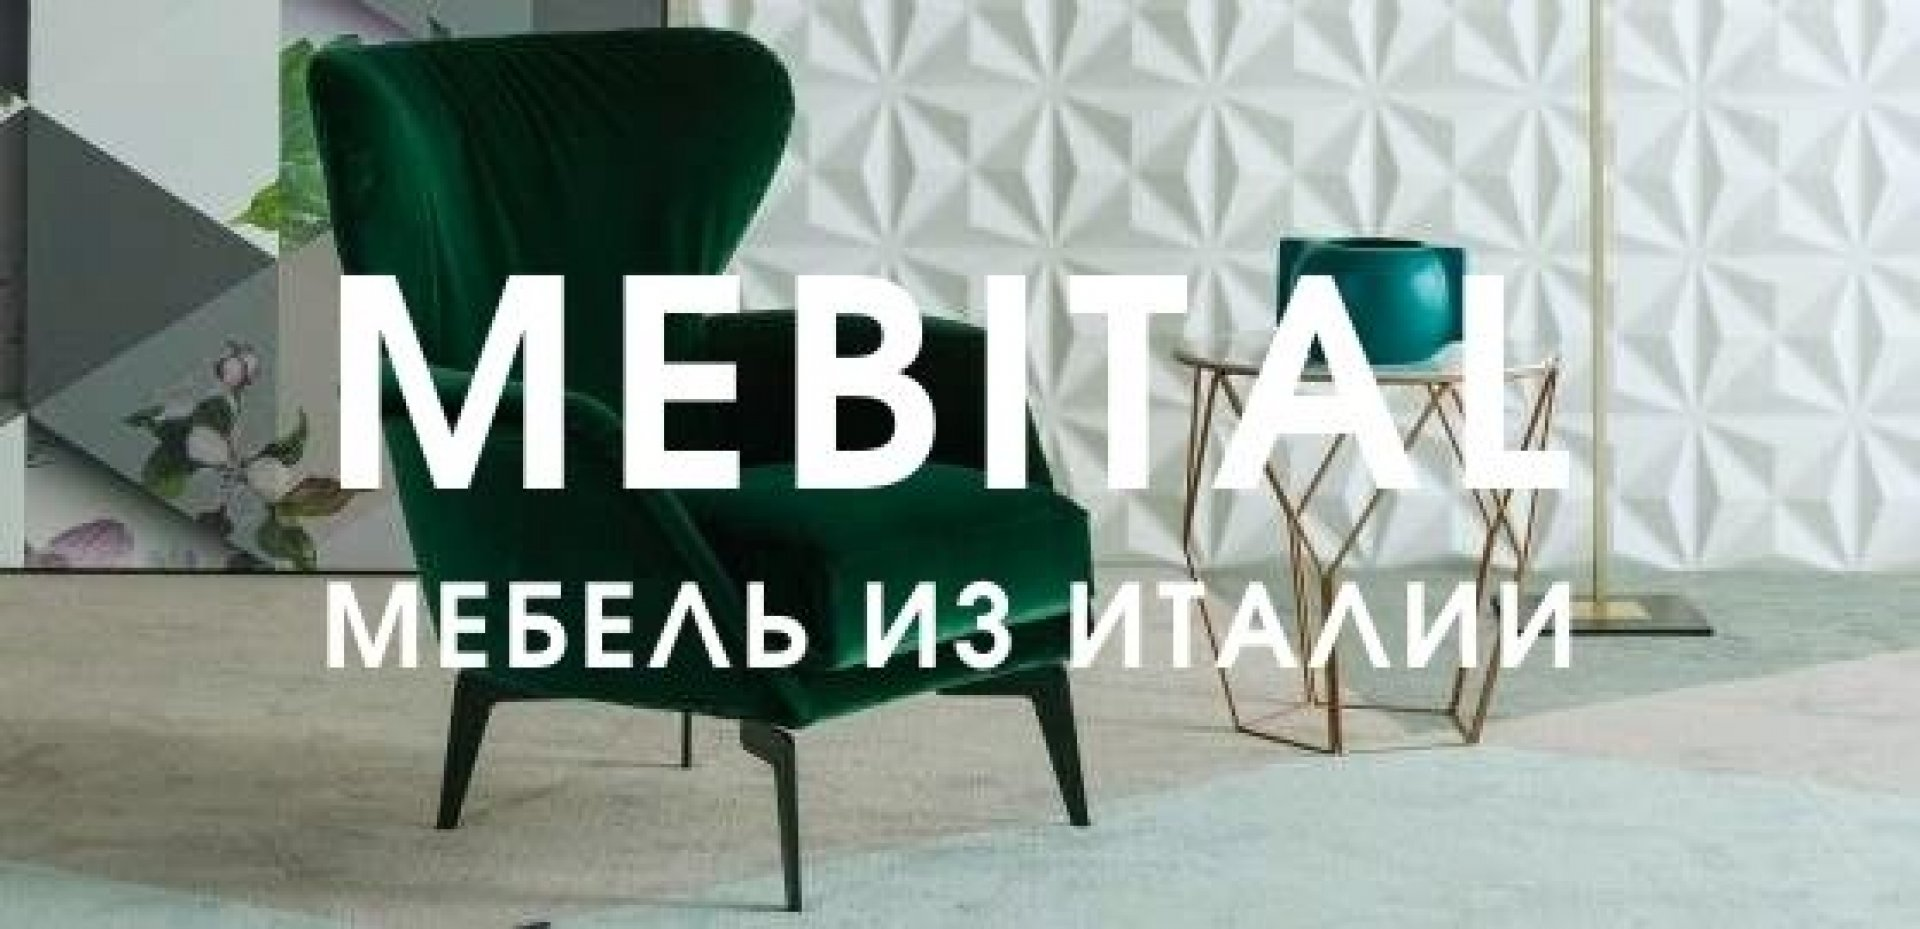 MEBITAL - Итальянская мебель